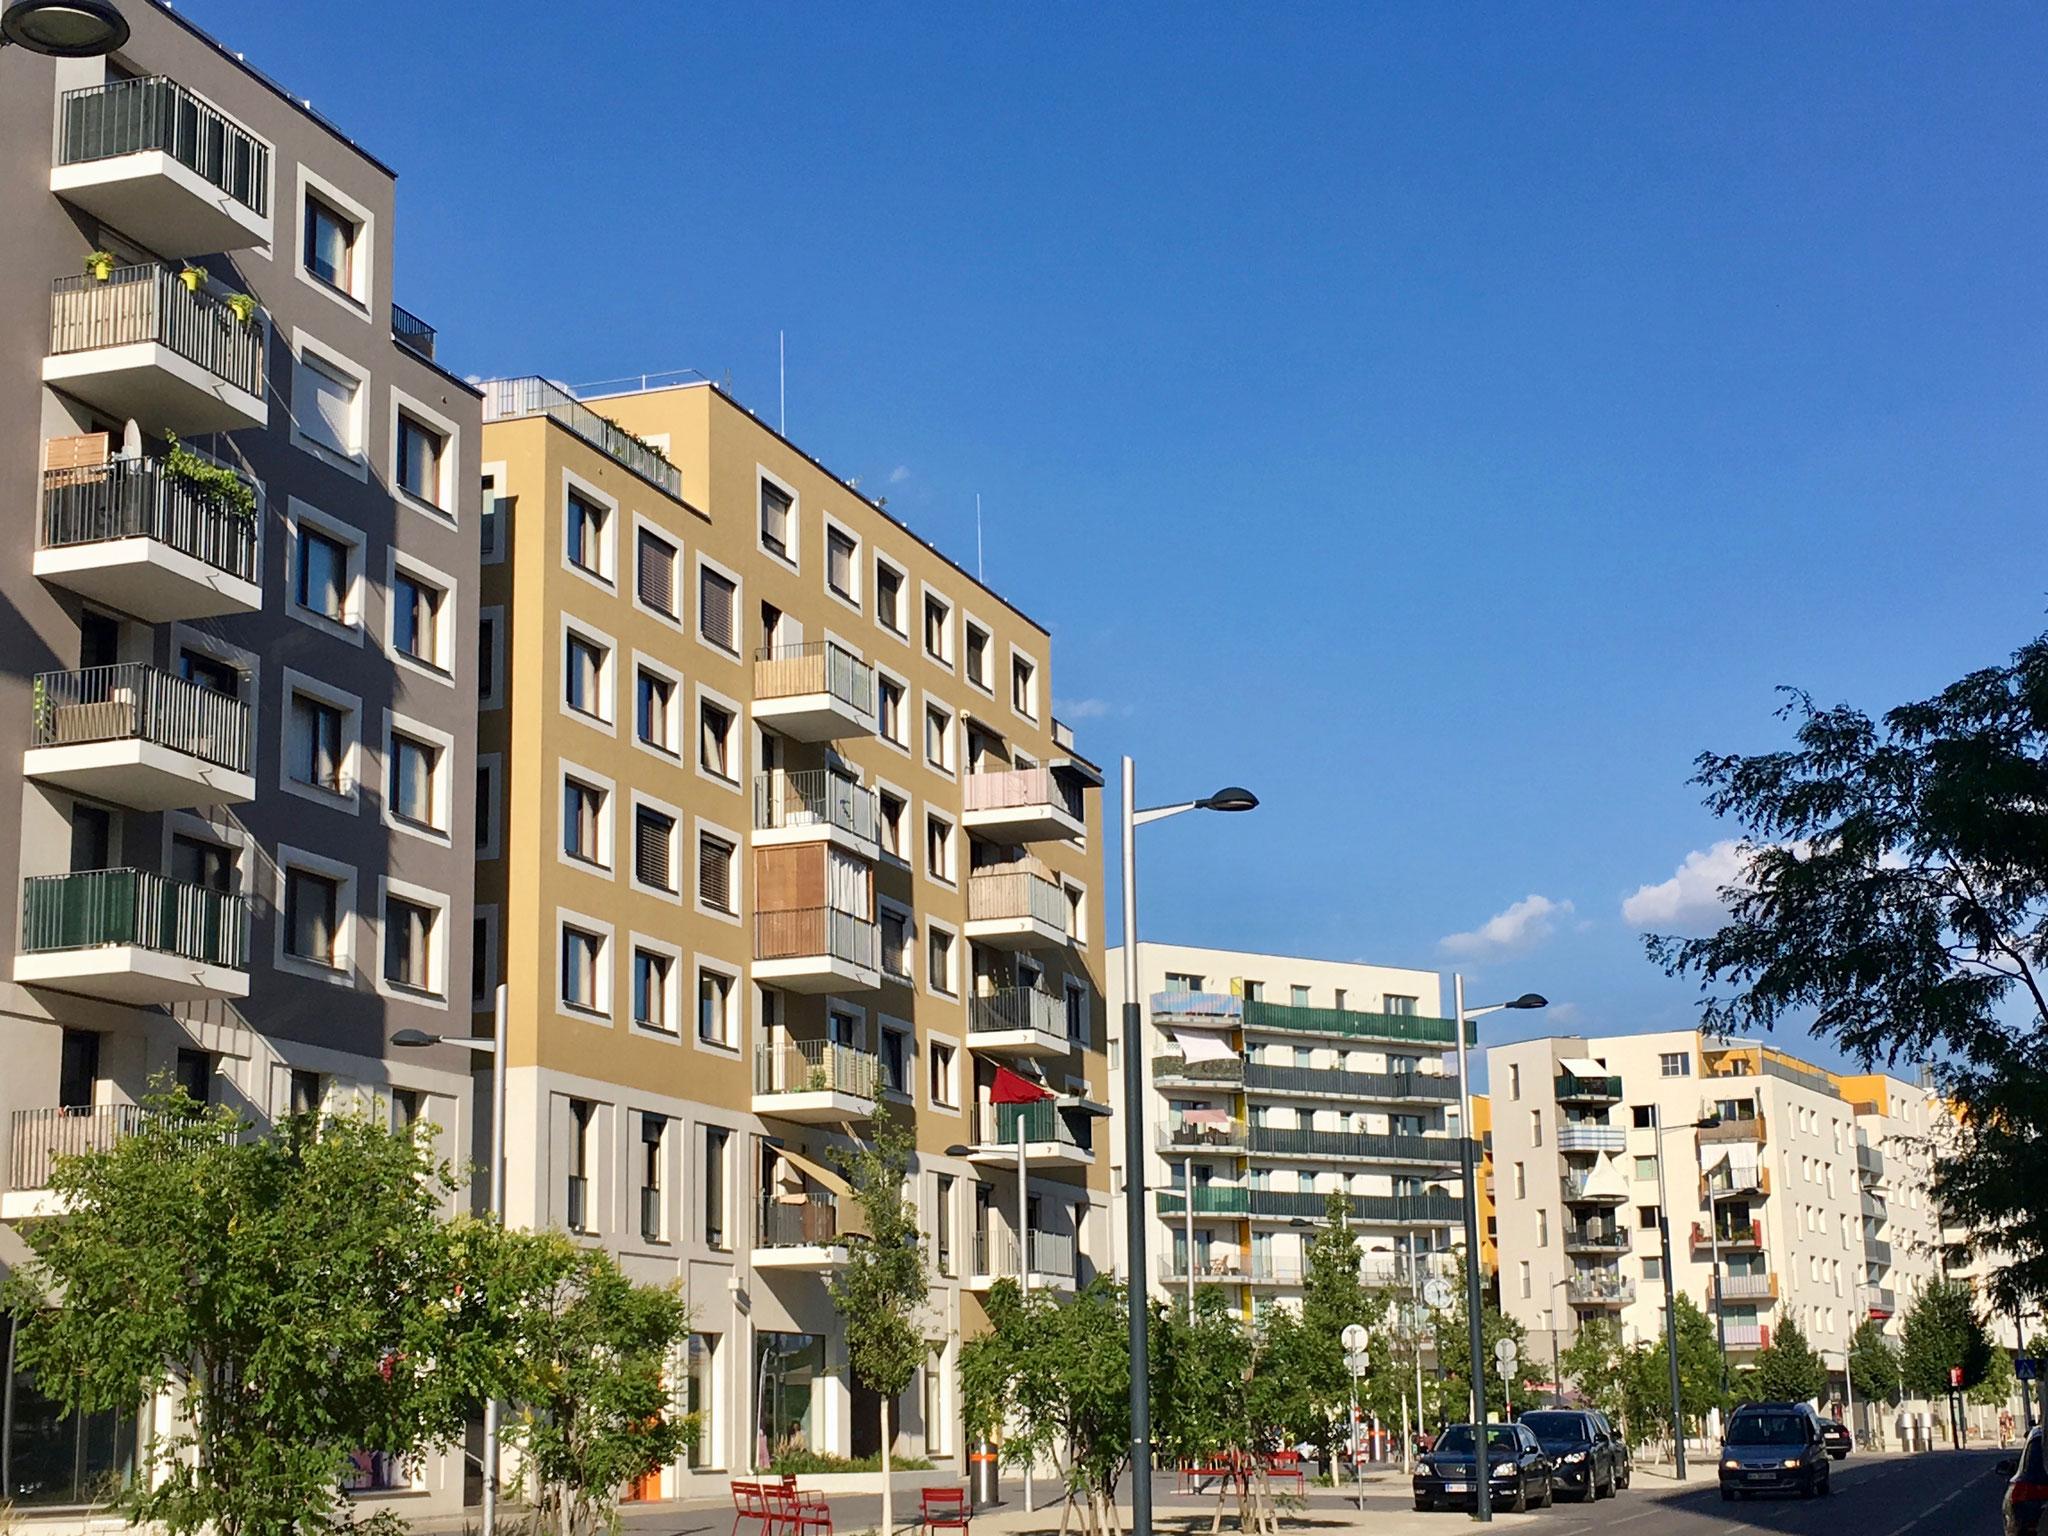 Wohnhäuser von AWG und Johannes Tovatt, Freiraum von 3:0 Landschaftsarchitektur ©Felicitas-Konecny